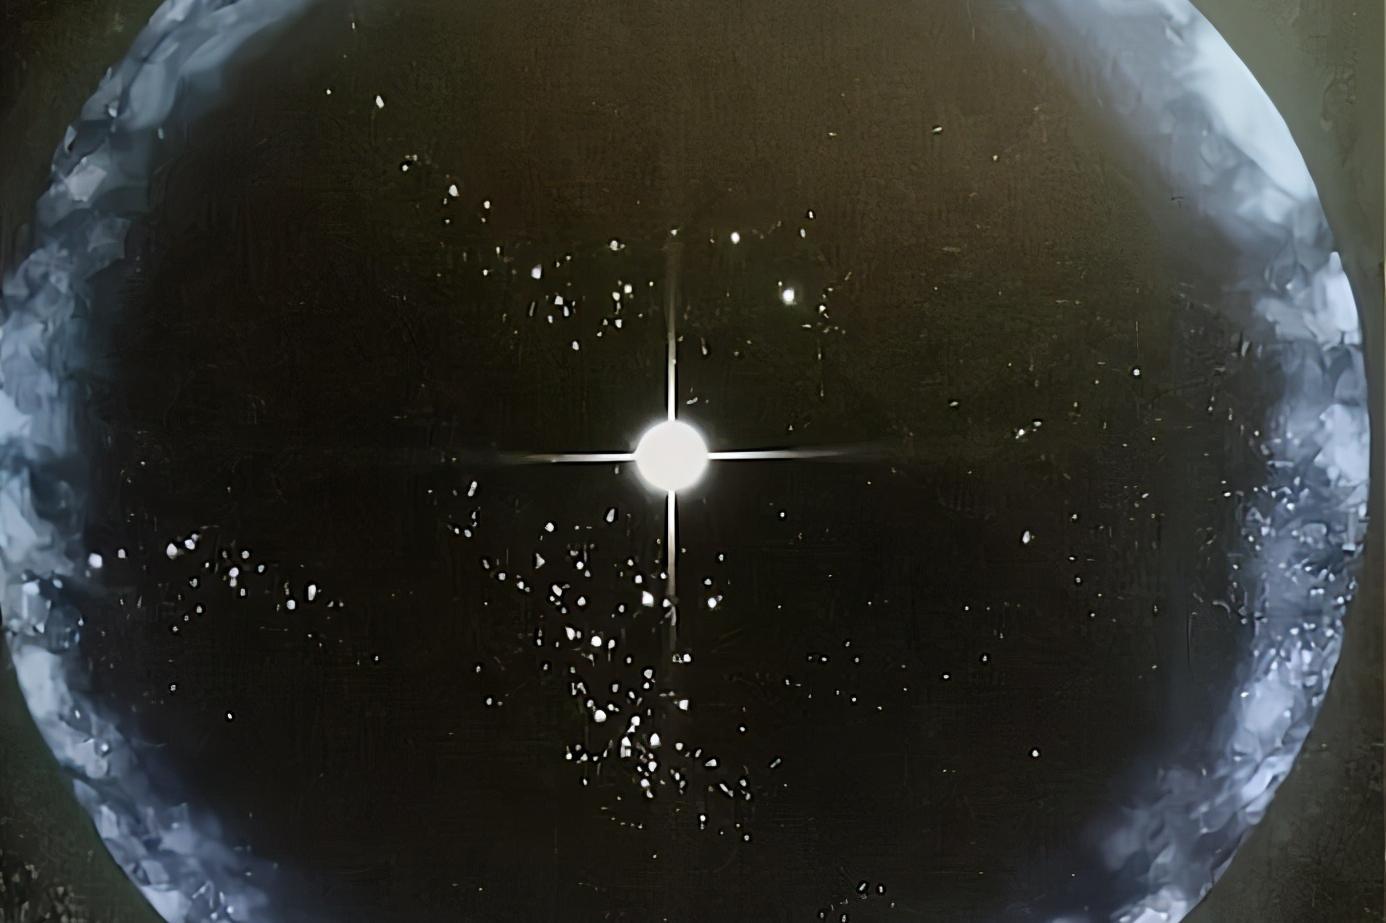 228亿公里外的旅行者1号,是怎么把信号传回地球的?